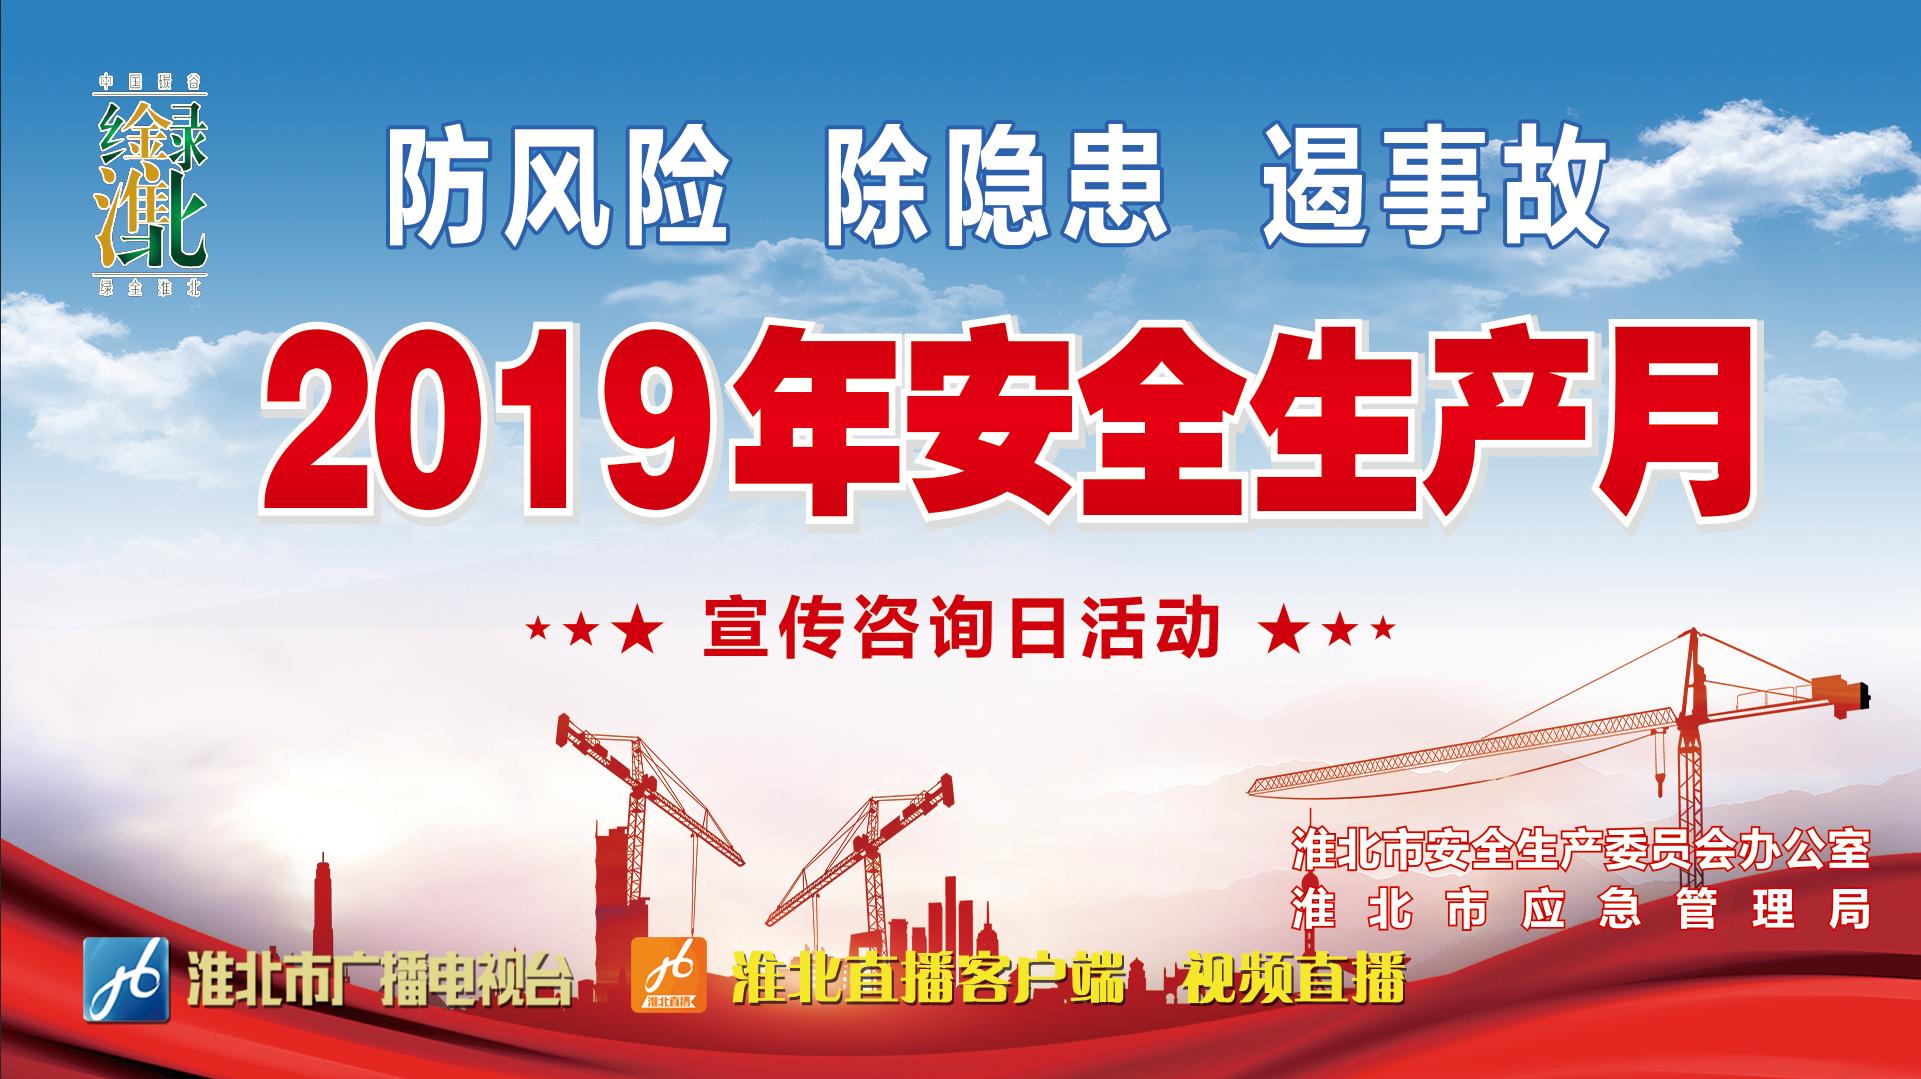 淮北广电直播 丨 2019年安全生产月宣传咨询日活动